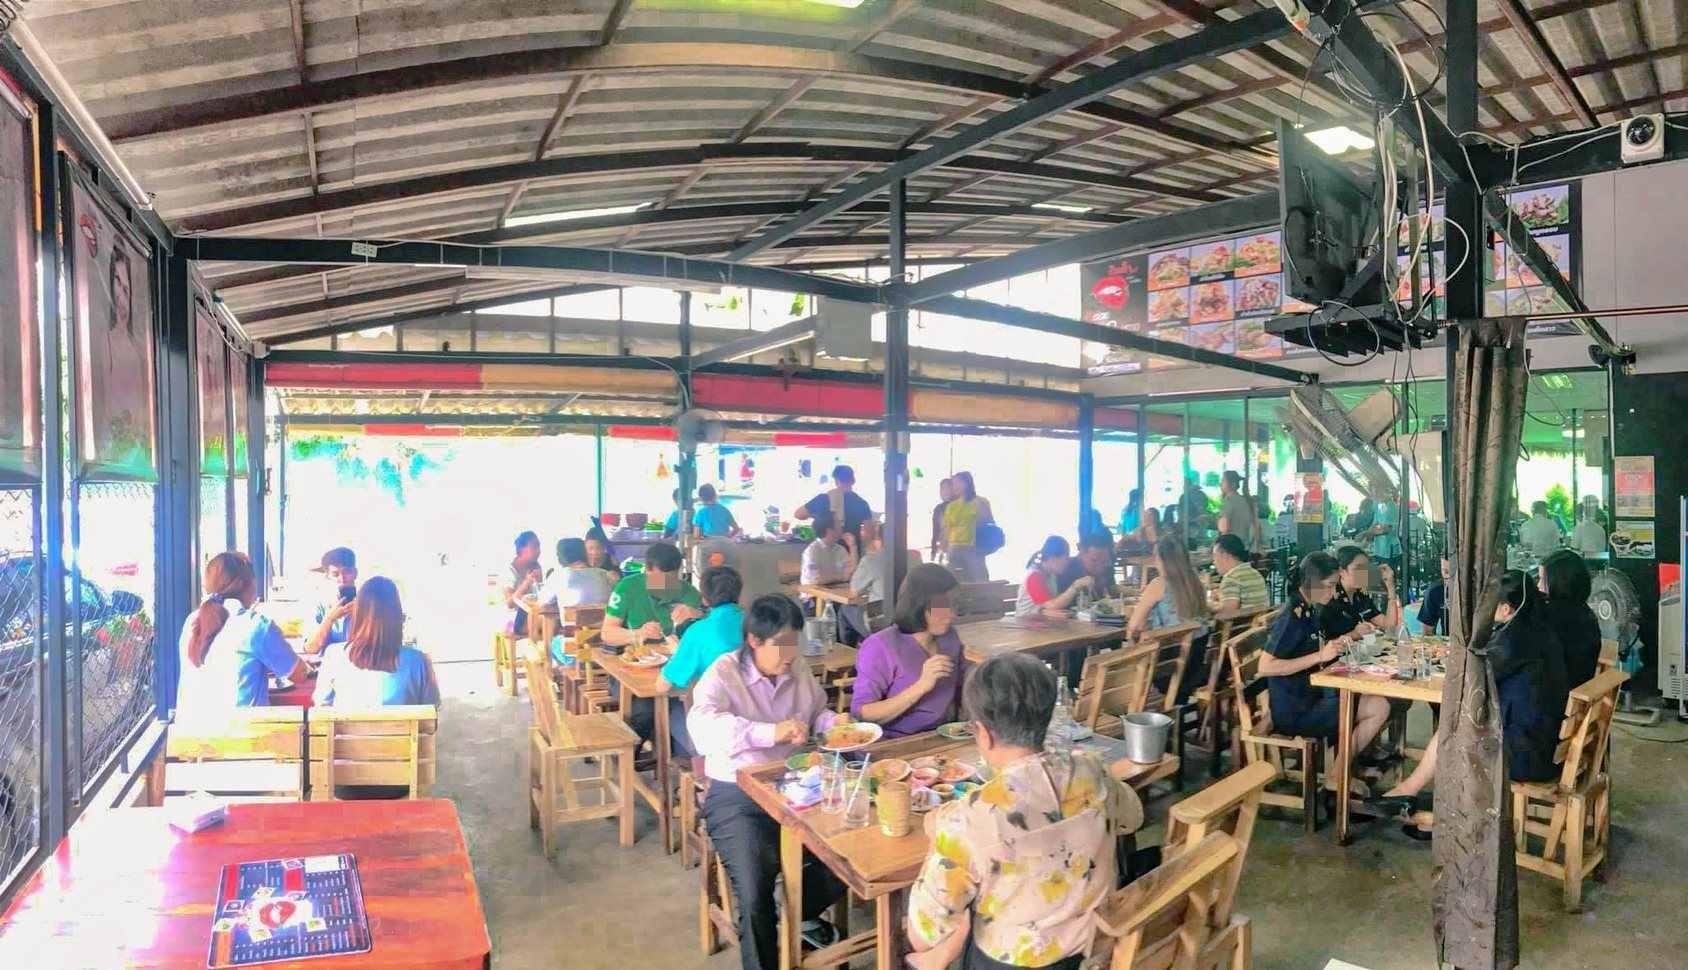 เซ้งด่วน‼️ ร้านอาหาร ใกล้ตลาดวงศกร ใกล้ รร.สารสาสน์@เขตสายไหม กทม